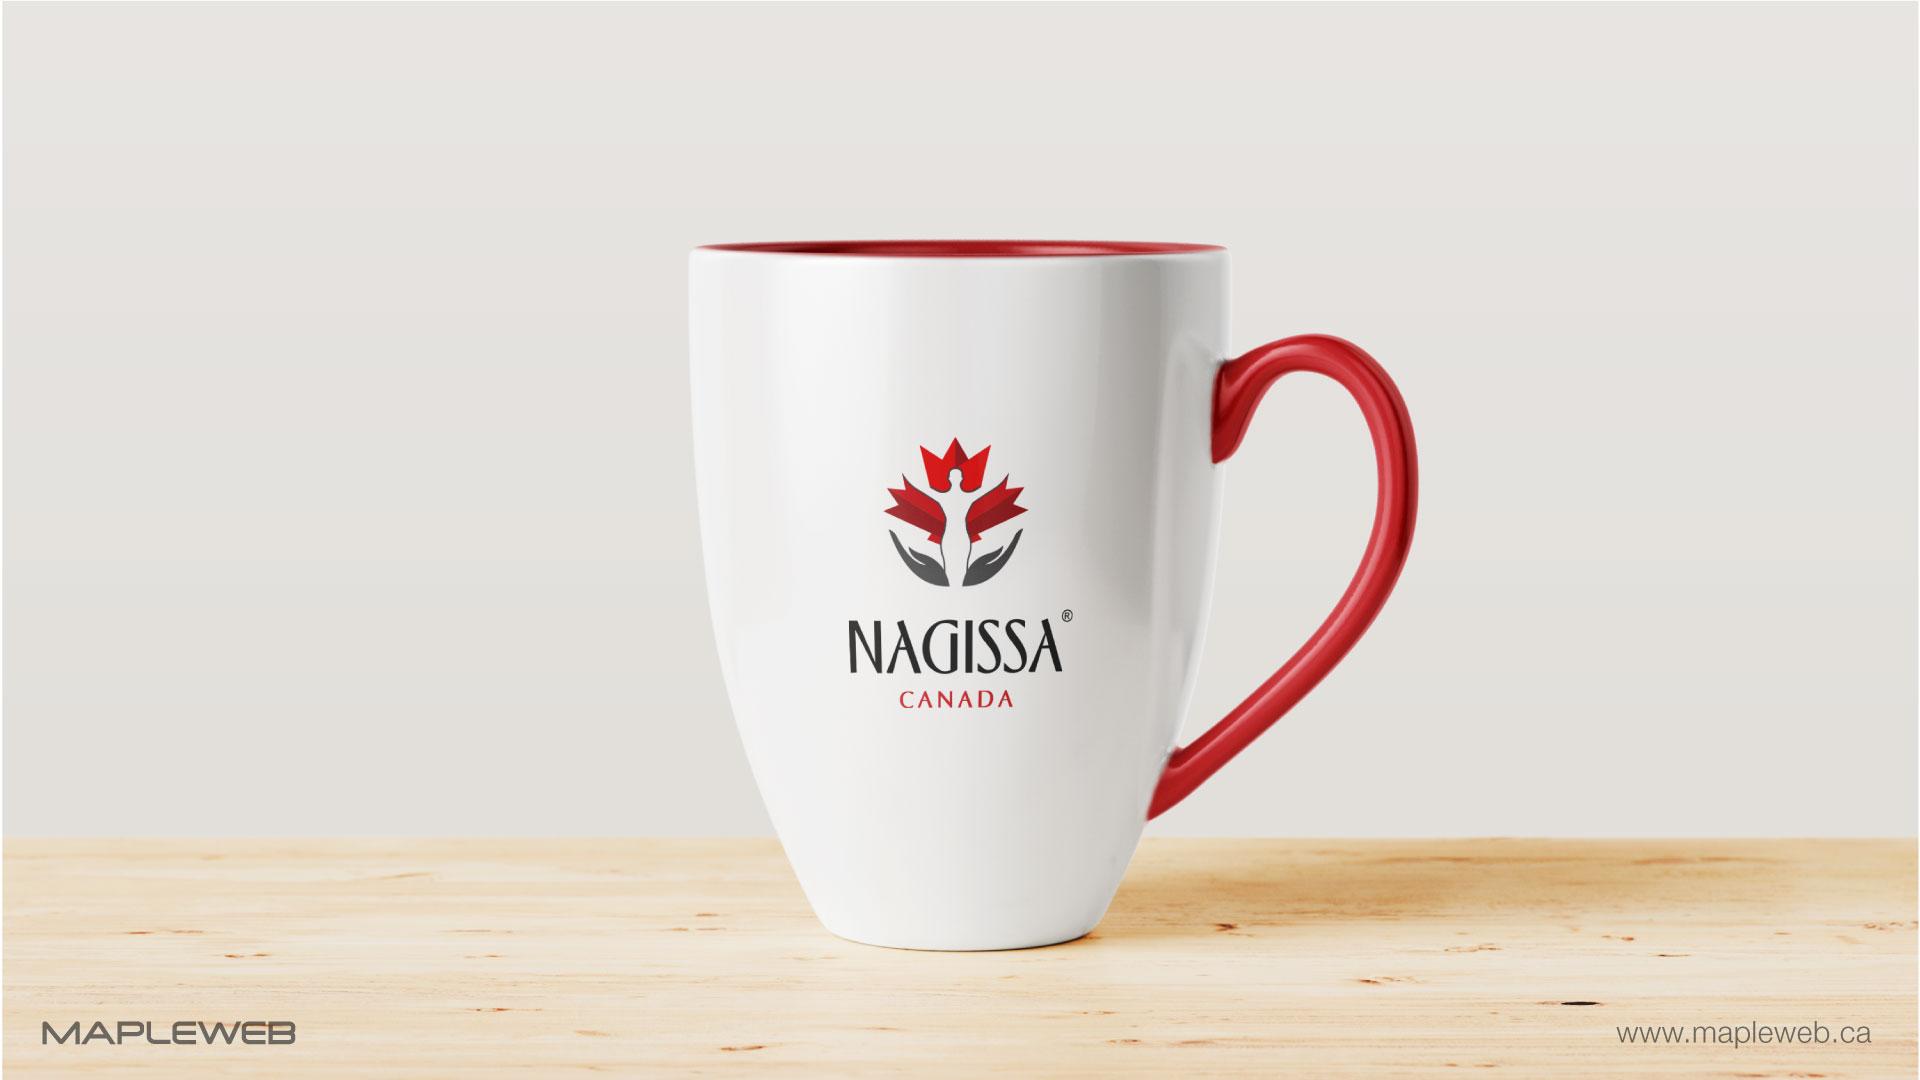 nagissa-canada-brand-logo-design-by-mapleweb-vancouver-canada-logo-on-white-mug-mock